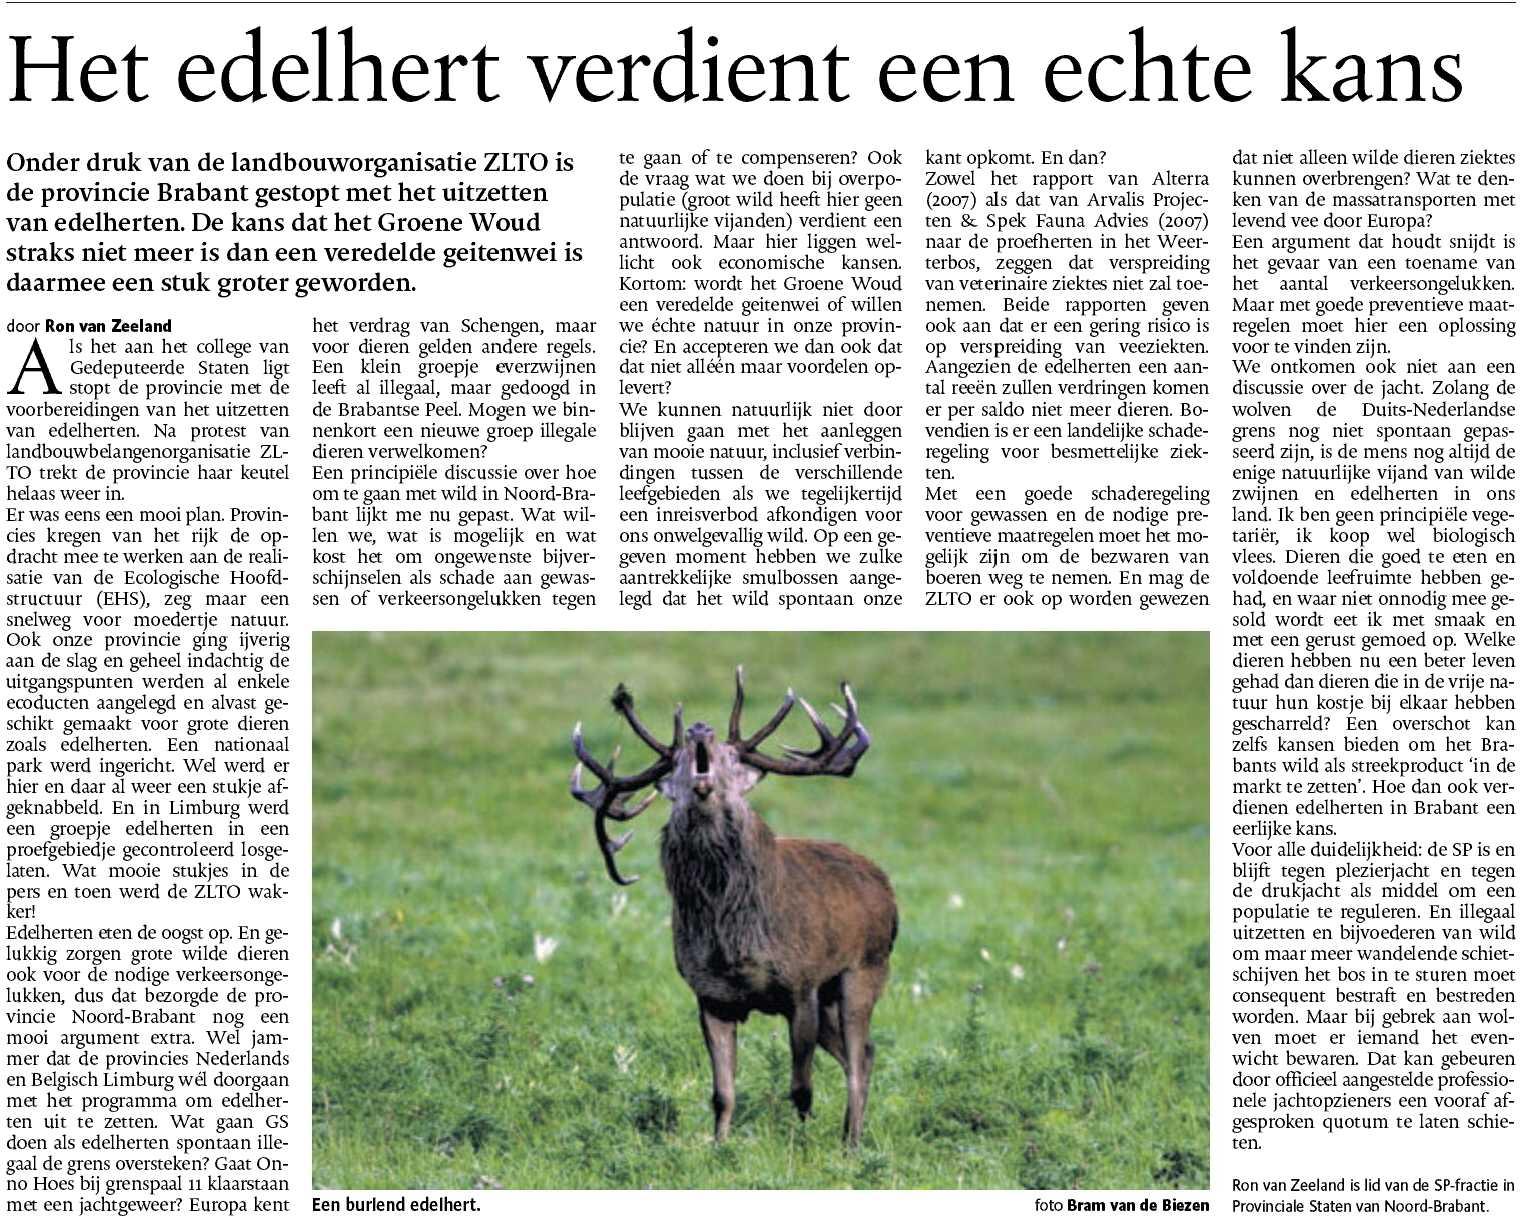 20080109_brabantsdagblad_edelherten